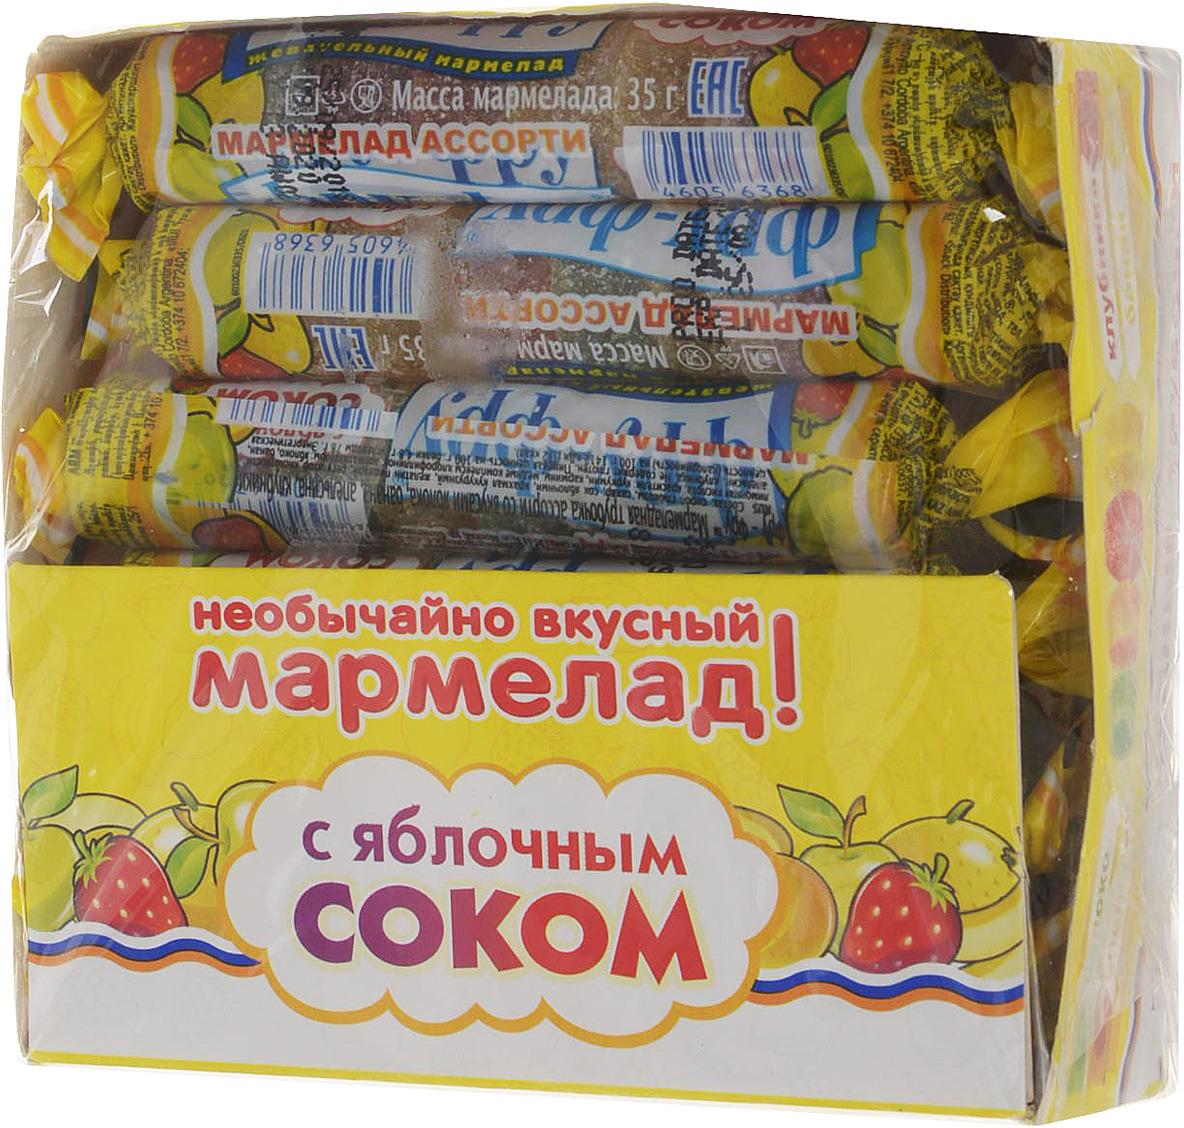 Сладкая Сказка Фру-Фру трубочка мармеладная с яблочным соком, 420 г (12 шт)